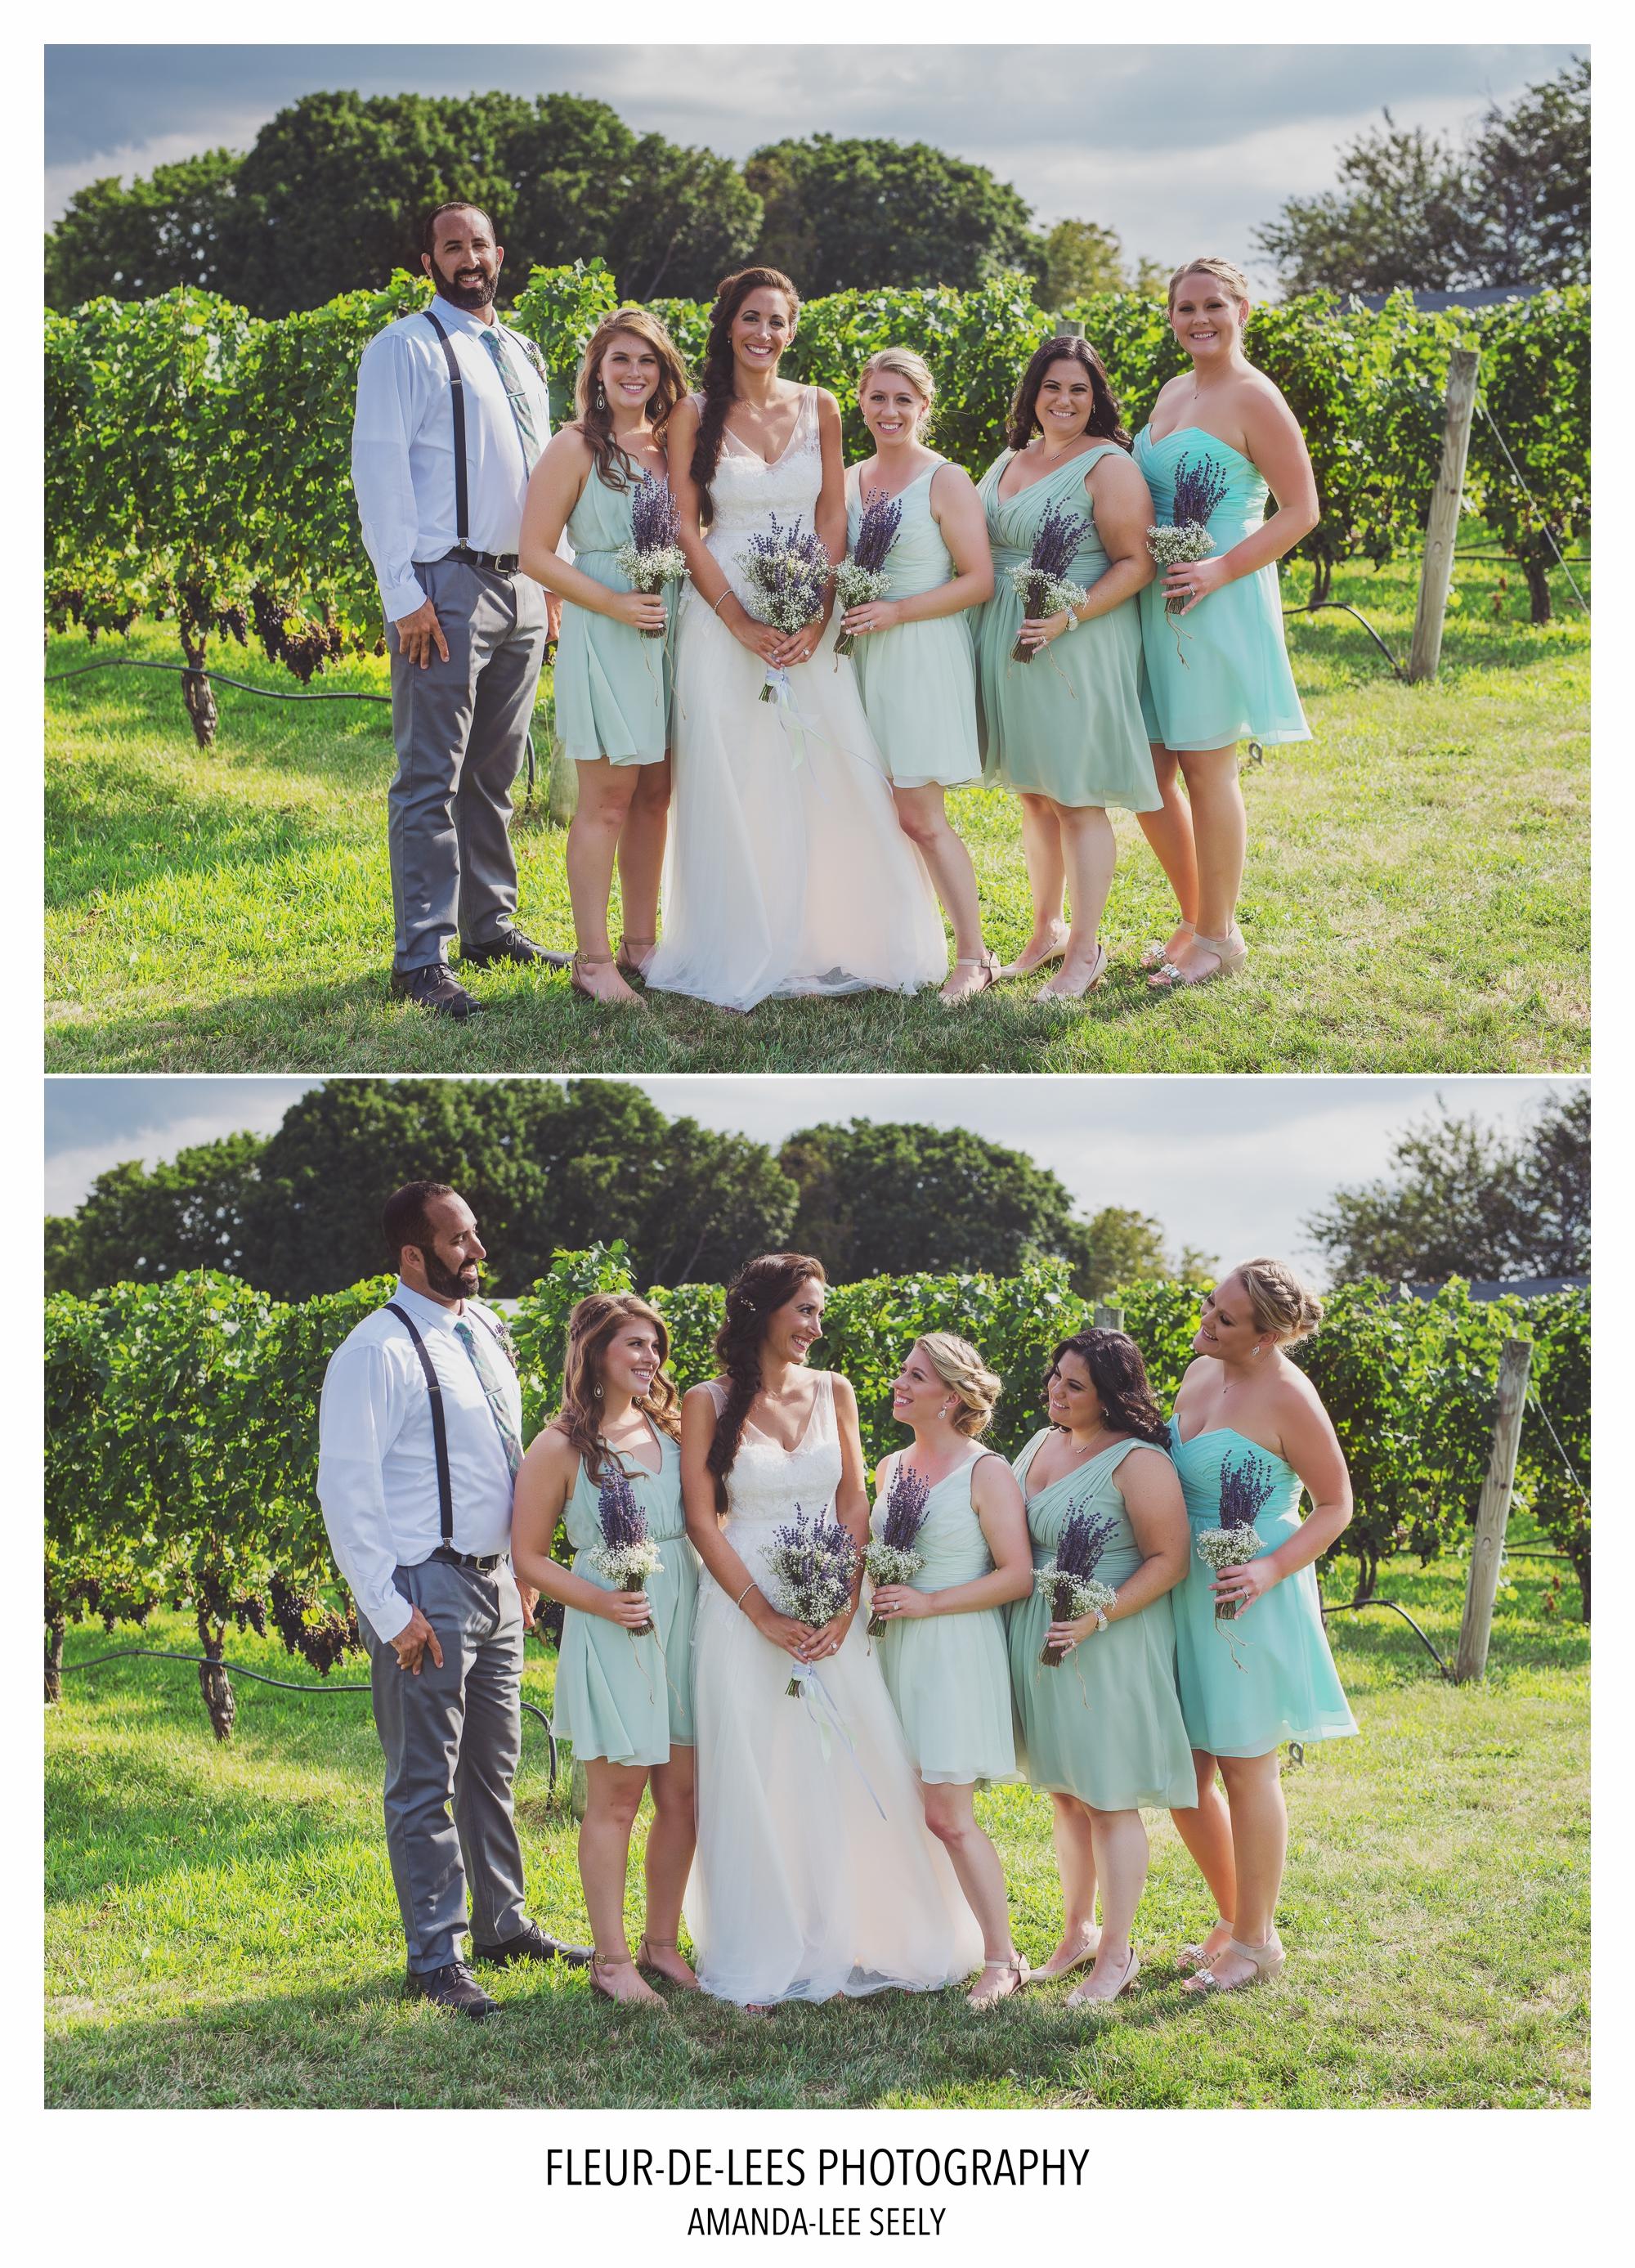 BLOG RACHEL AND AMANDA WEDDING 17